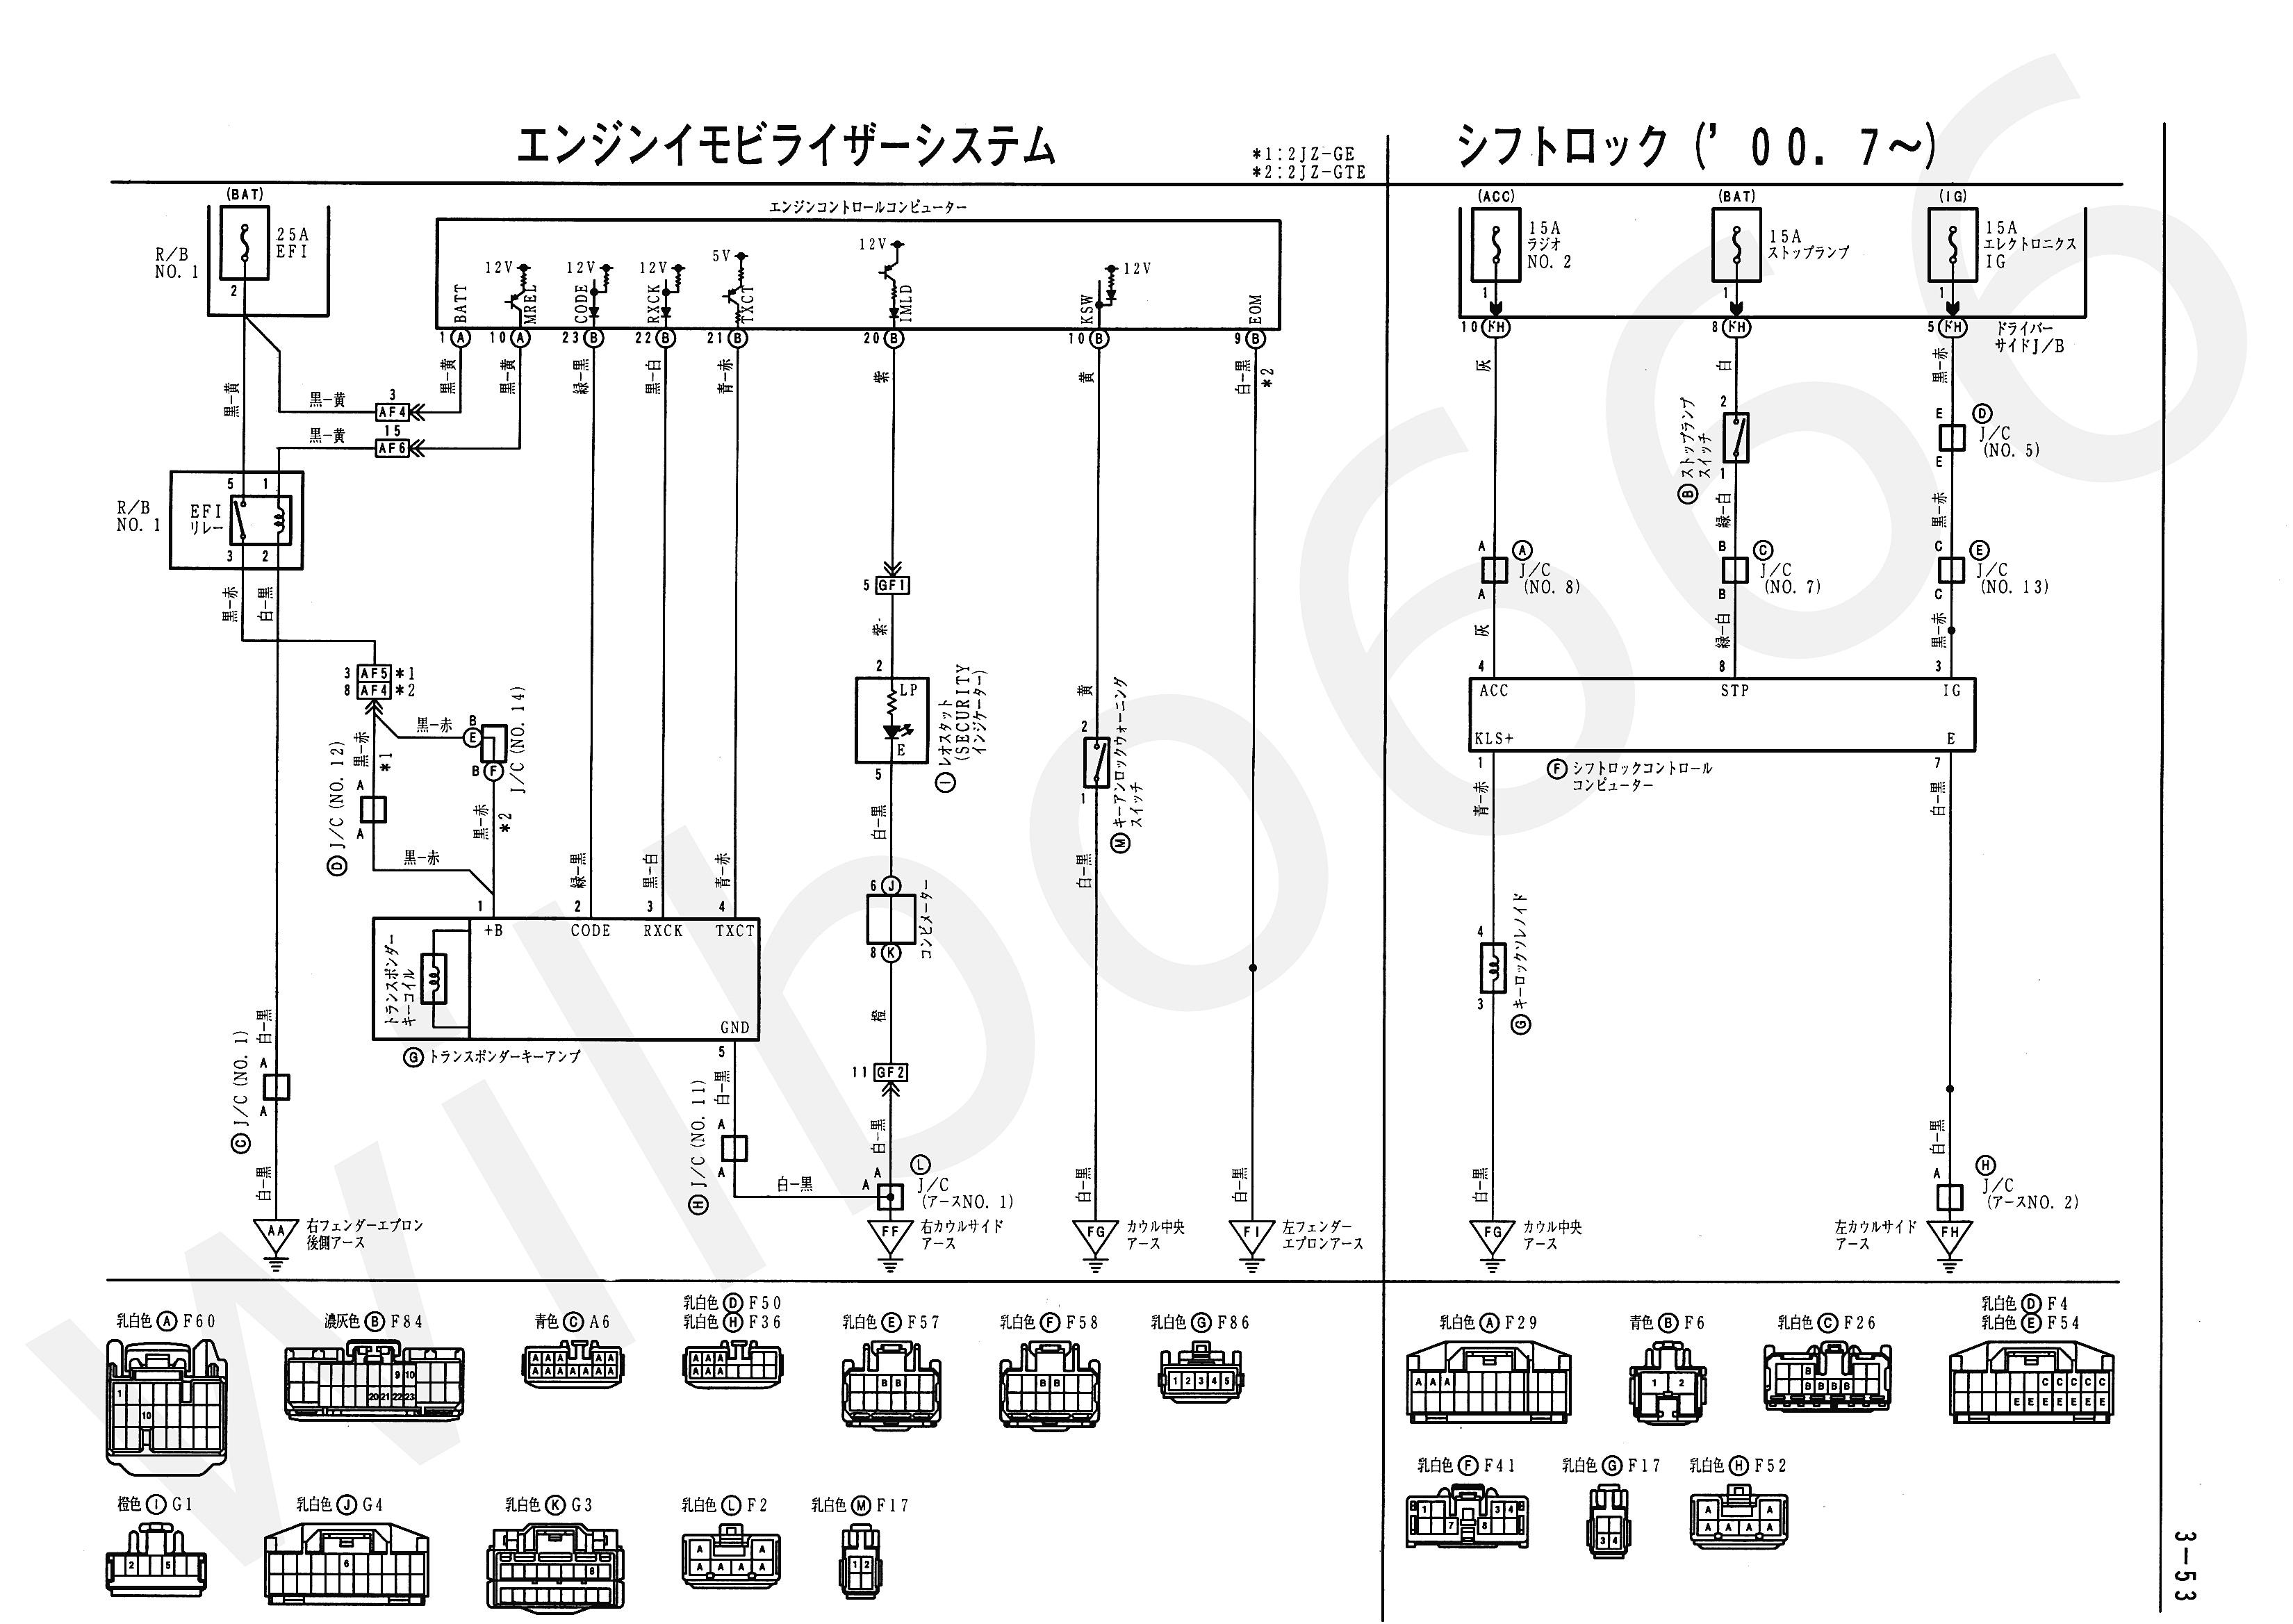 wiring diagram 5s1f wiring diagram used wiring diagram 5s1f